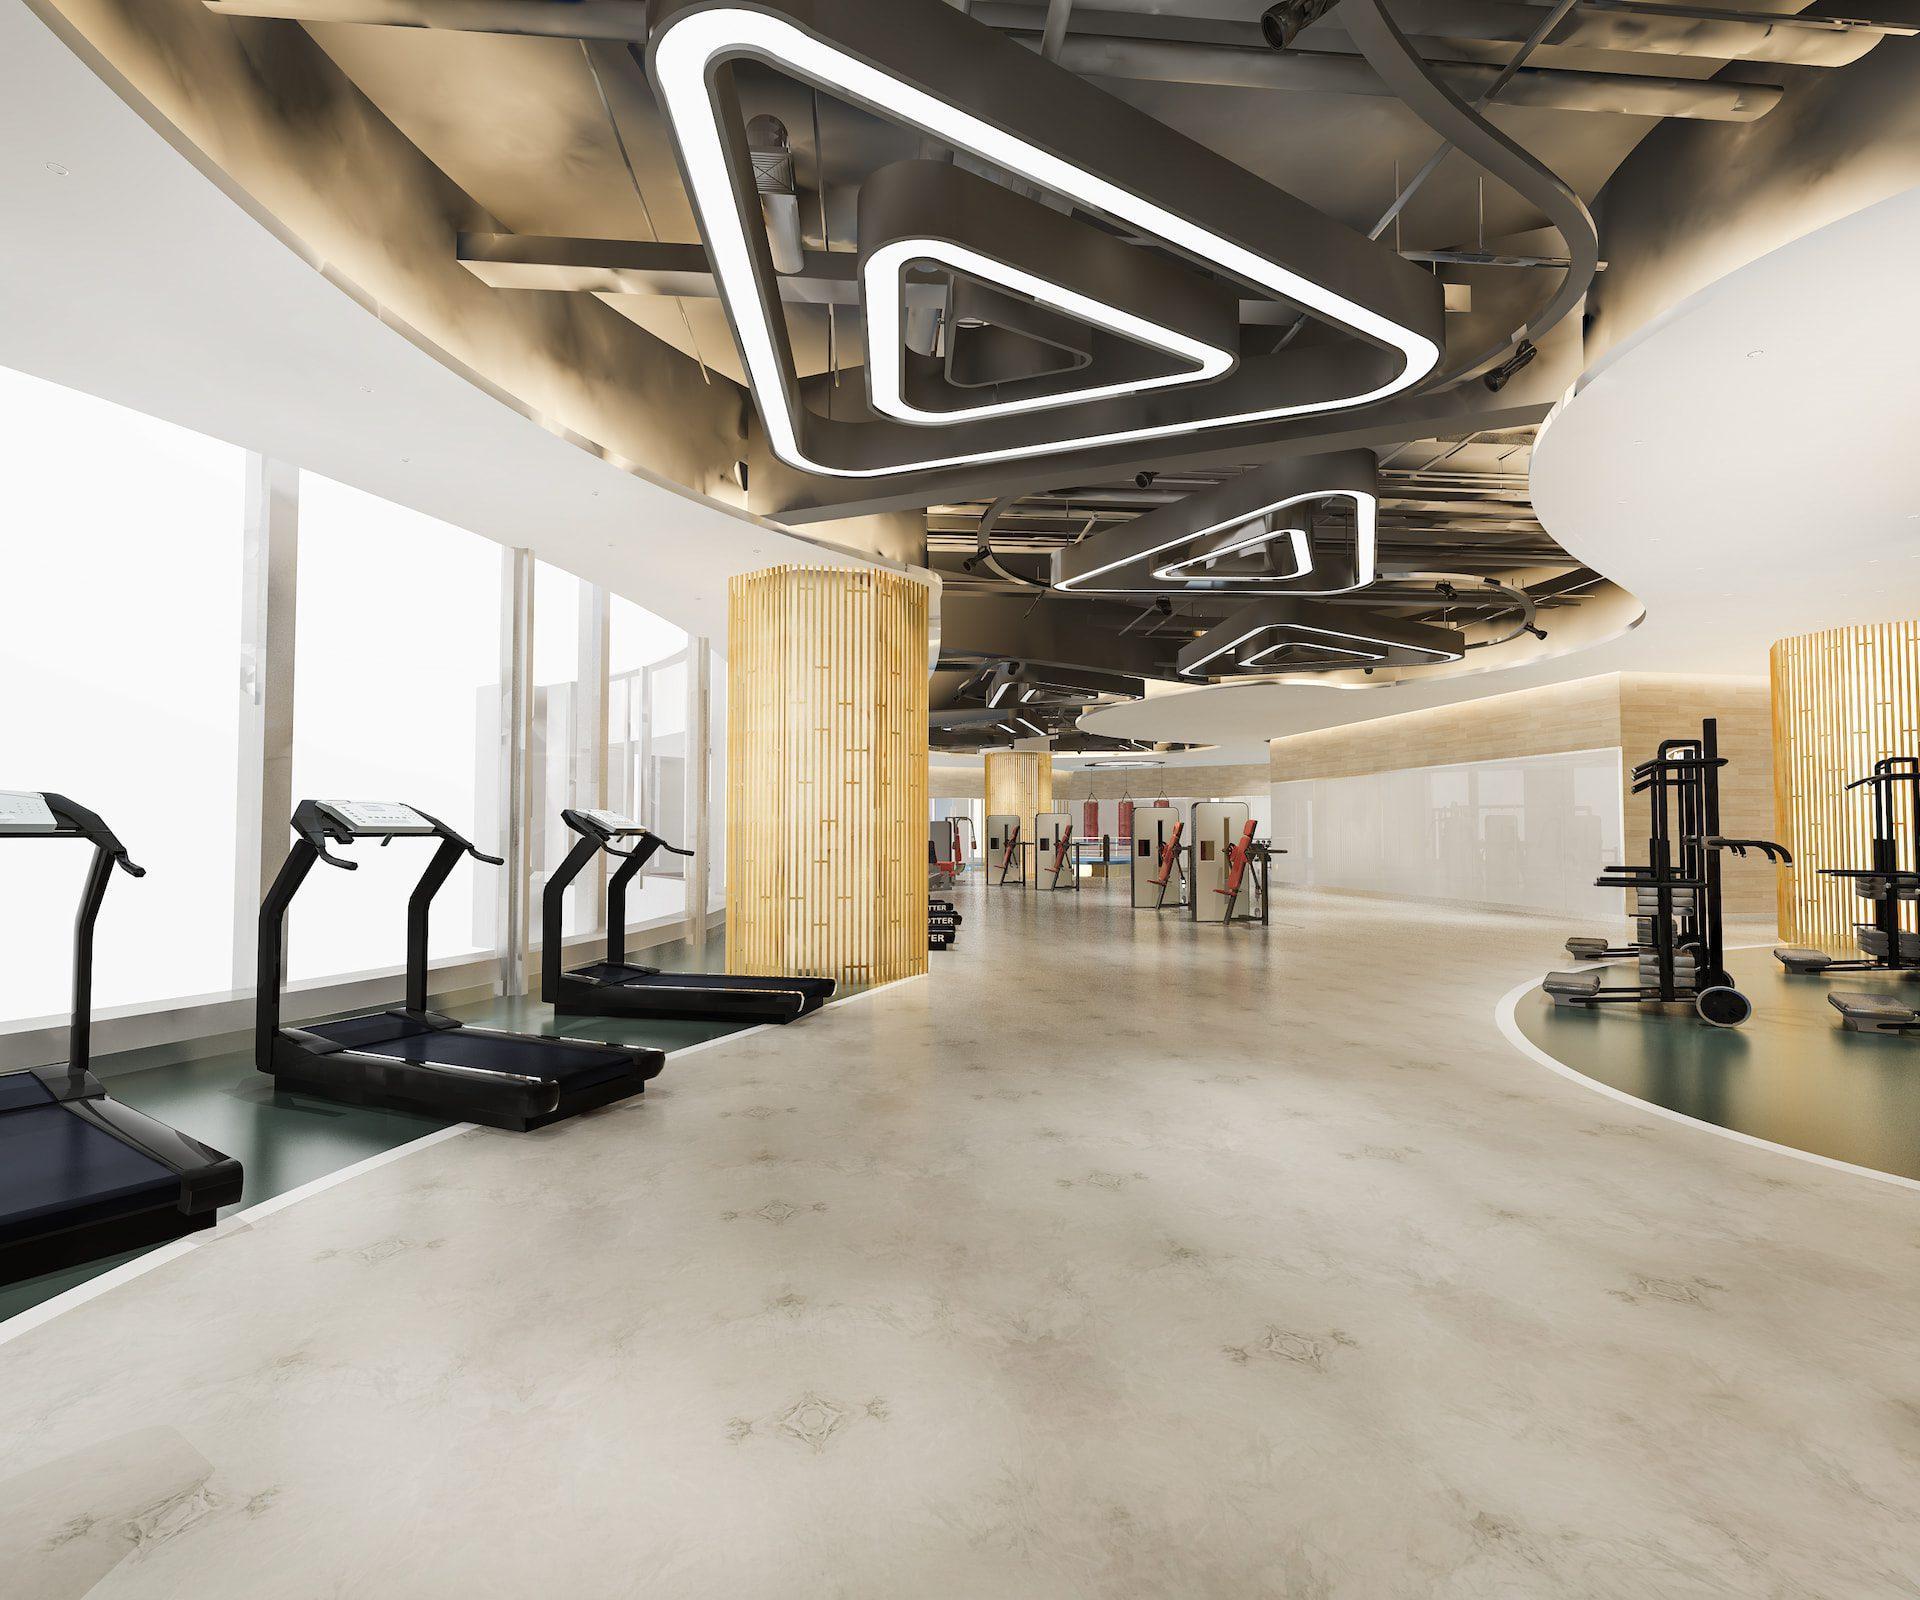 rendering of hotel gym